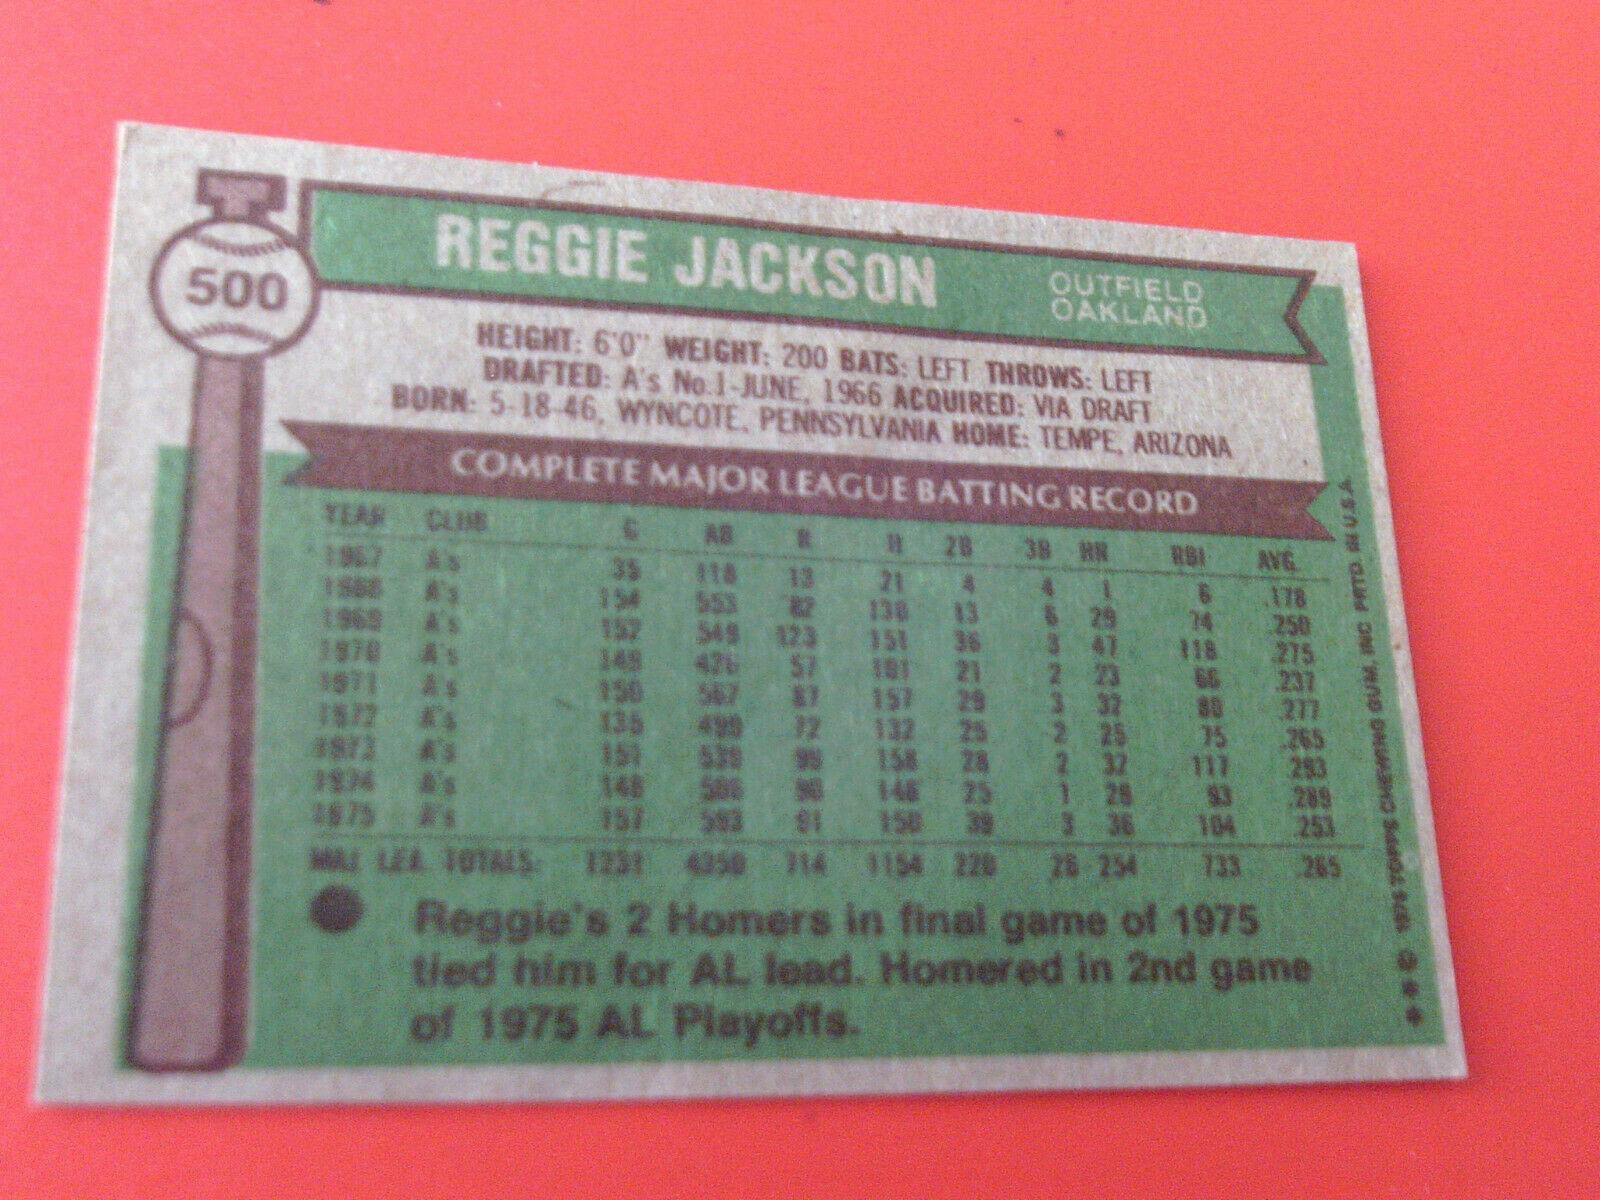 1976  TOPPS   REGGIE  JACKSON   #  500    NEAR  MINT  /  MINT  OR  BETTER   !!